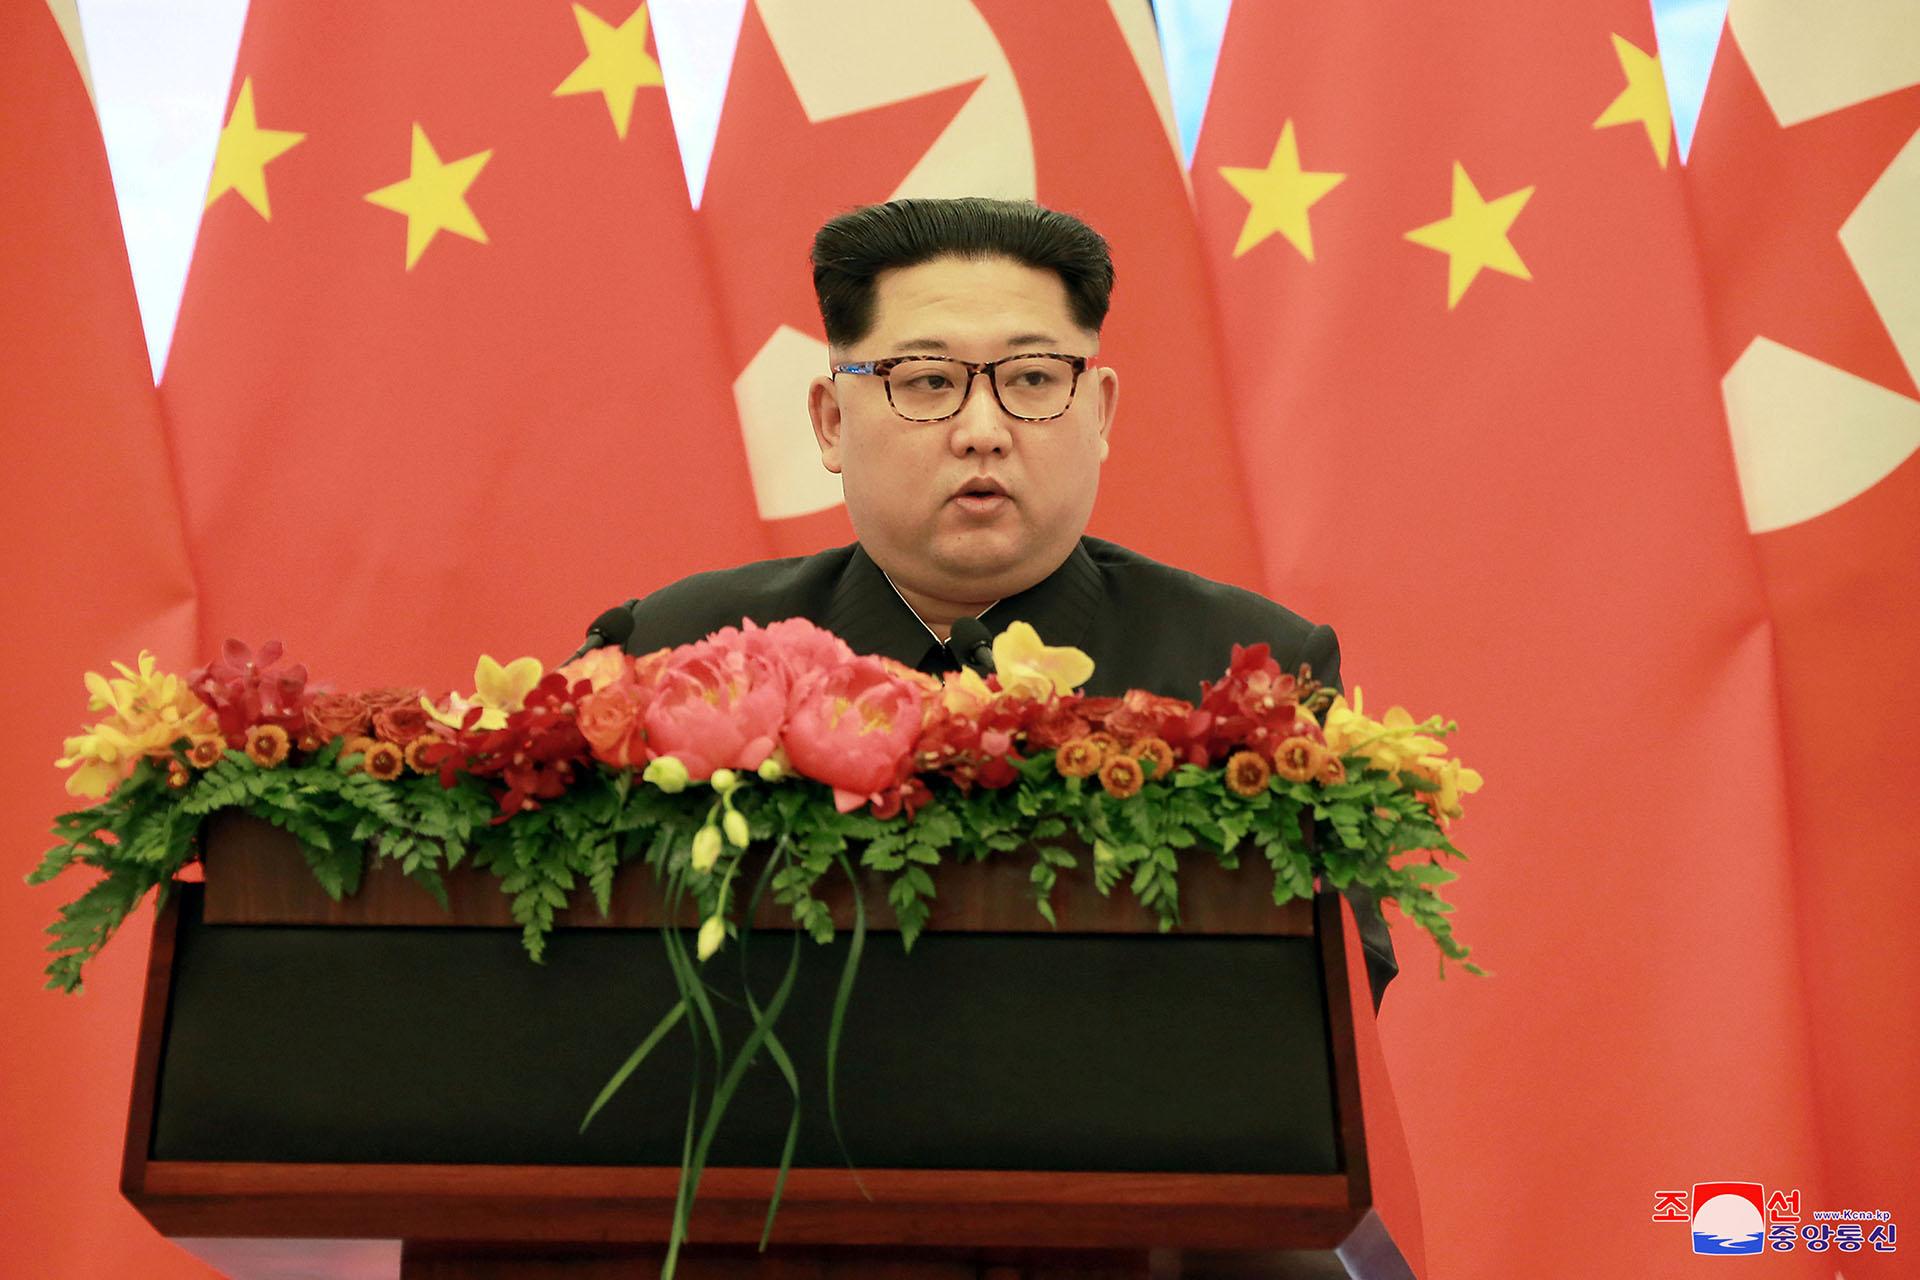 El dictador norcoreano Kim Jong-un (KCNA/via Reuters)